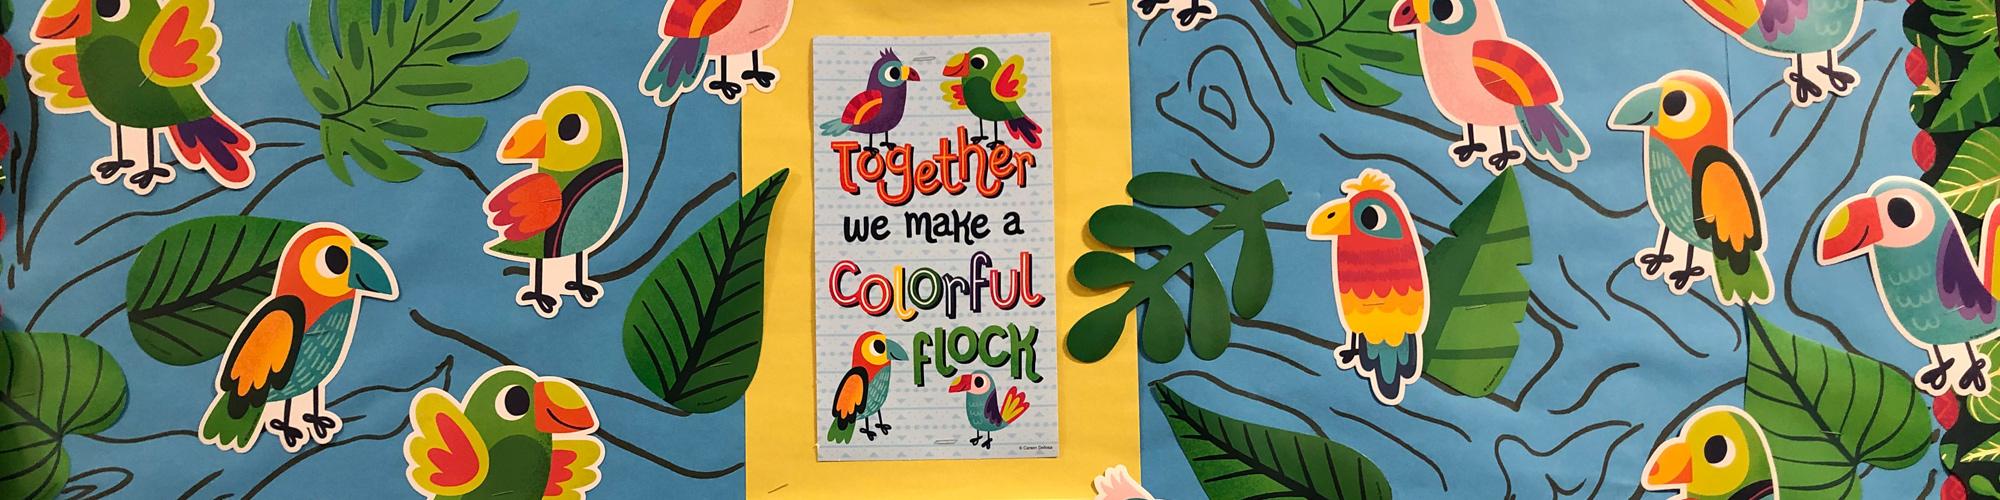 together we make a colorful flock